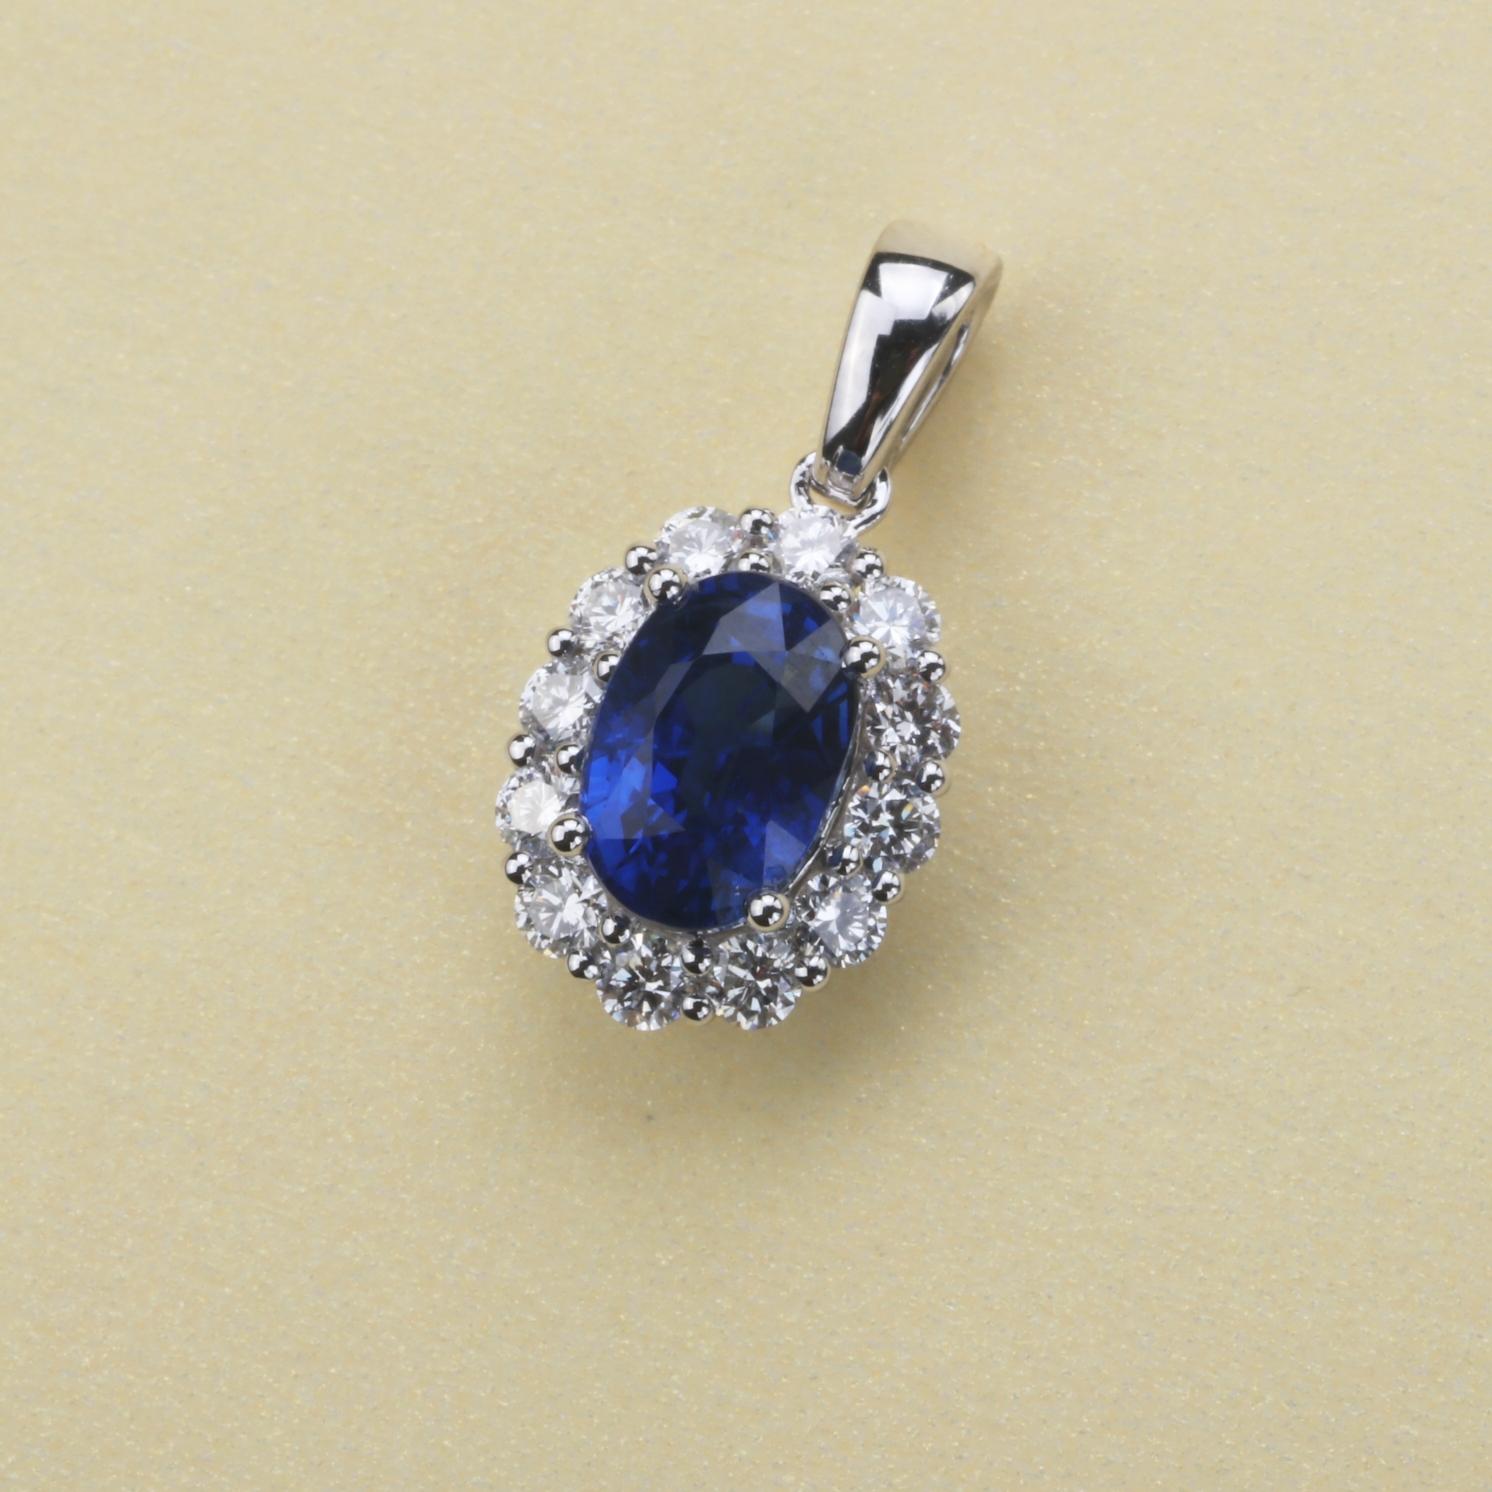 【吊坠】18k金+蓝宝石+钻石  宝石颜色纯正(不含链子) 货重:1.36g  主石:1.10ct